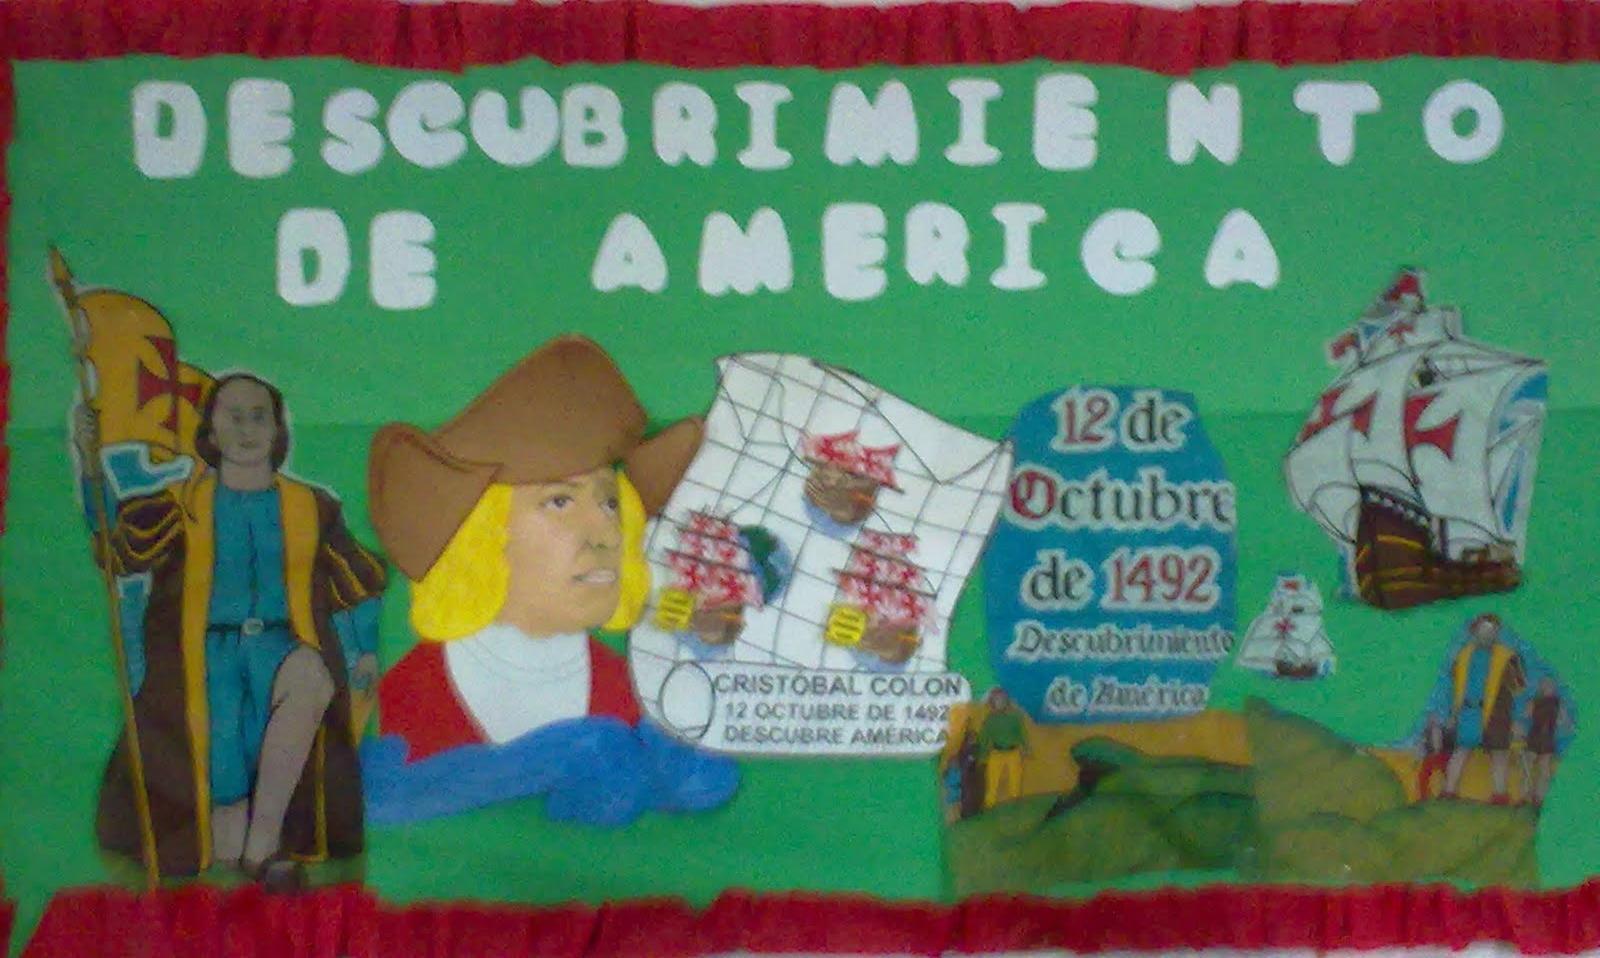 Periodico mural octubre 17 imagenes educativas for El mural avisos de ocasion